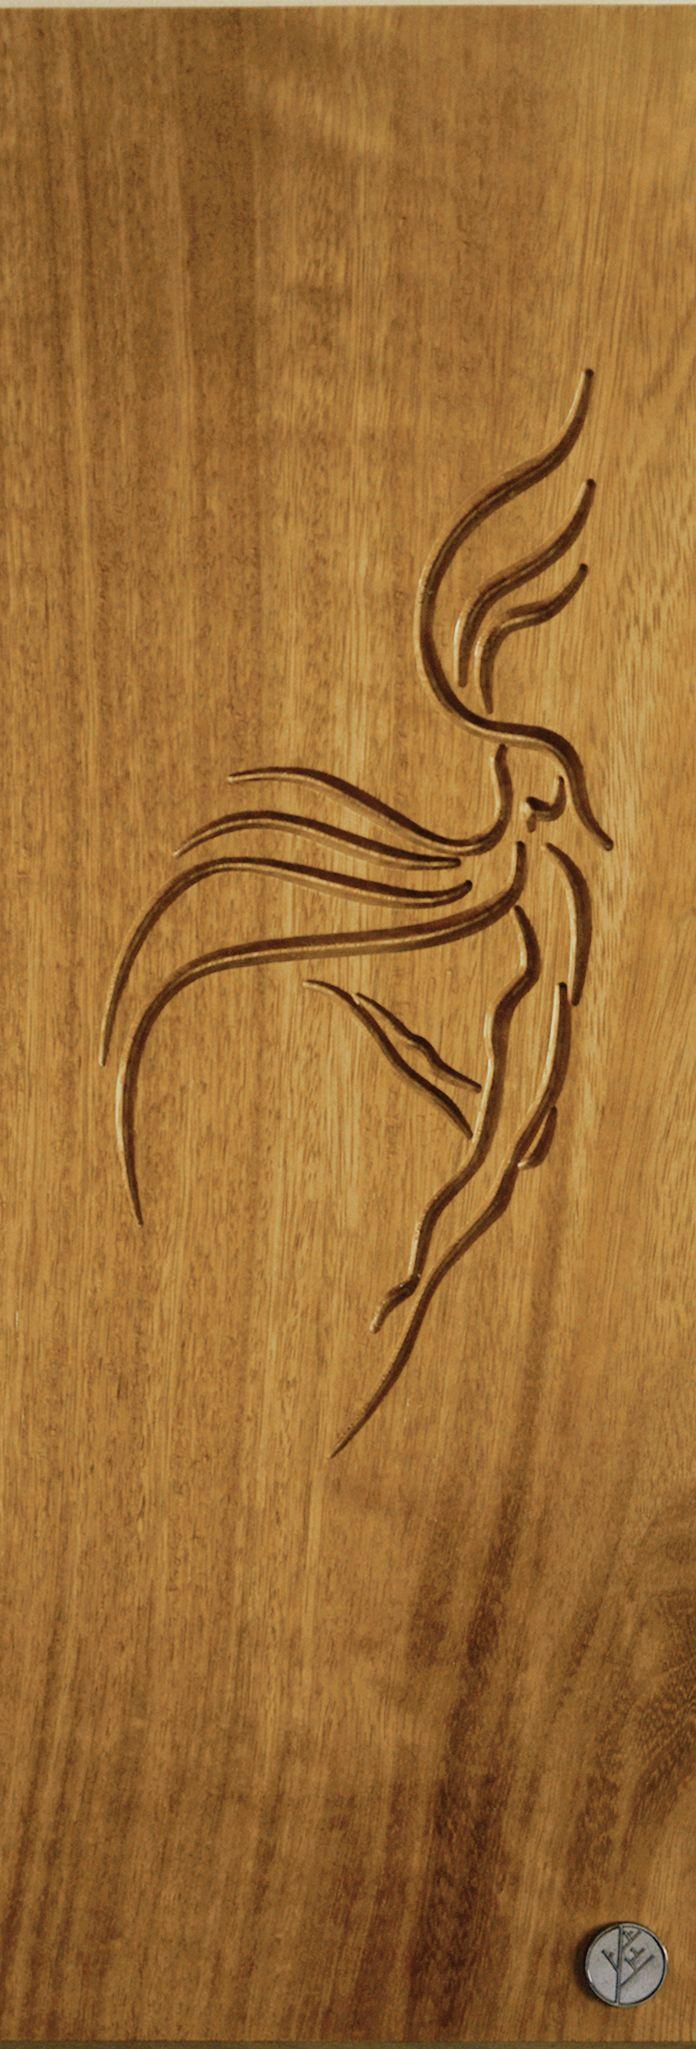 DrevoDesigns -Phoenix -Iroko wood